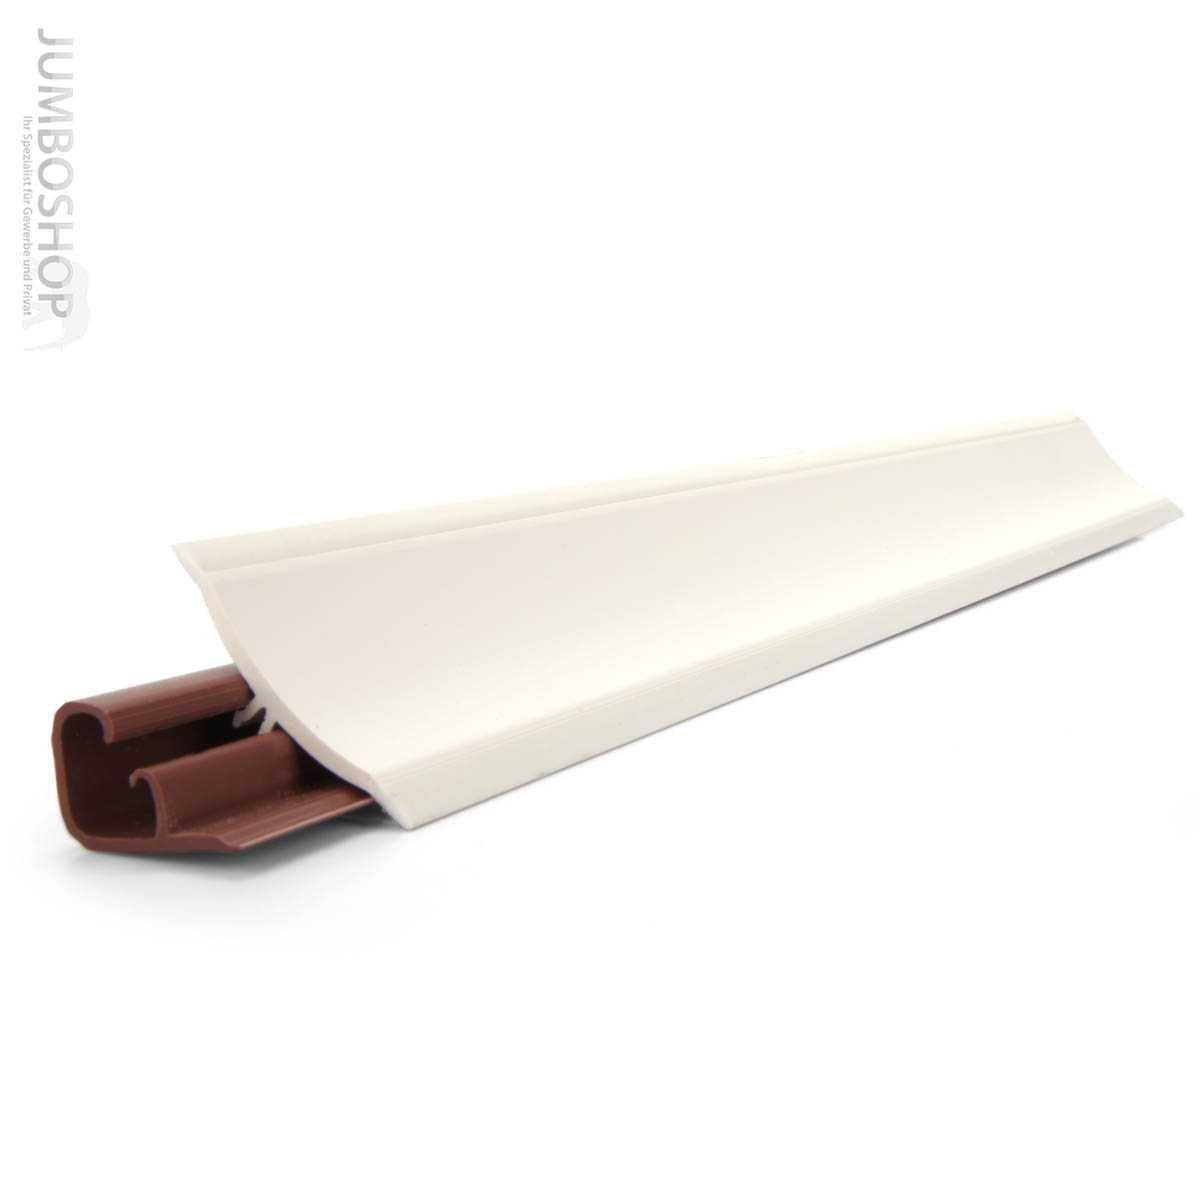 Best Rauchmelder In Der Küche Gallery - Farbideen fürs Wohnzimmer ...